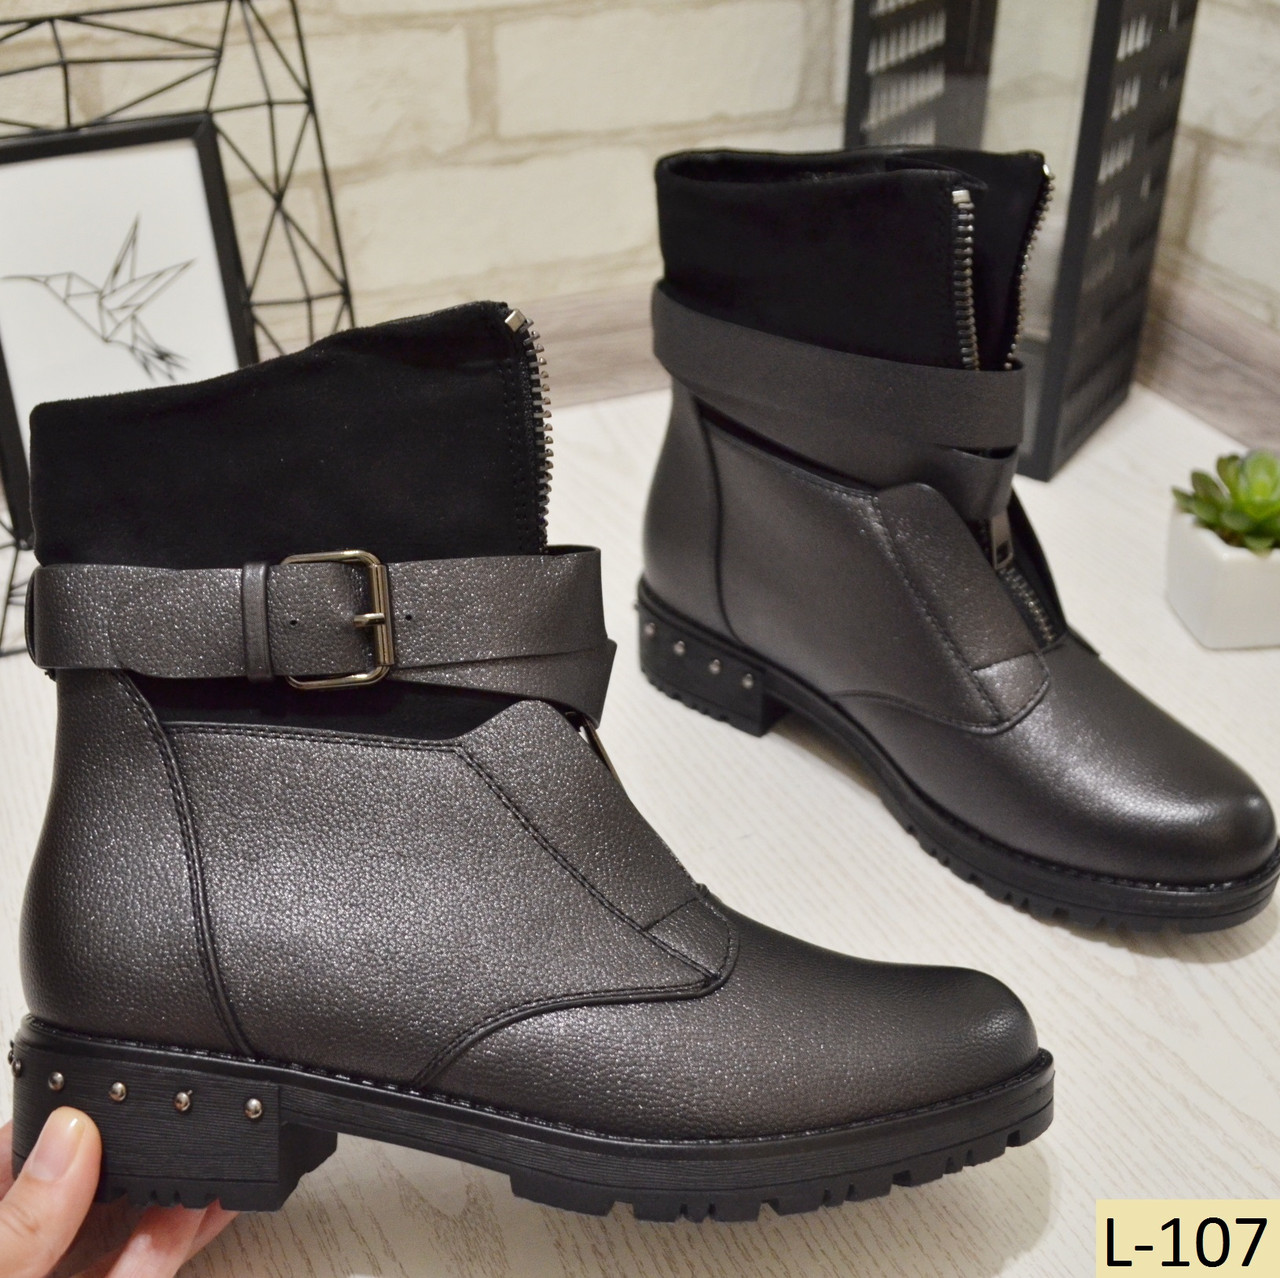 ac3a94277 Ботинки бронзовые женские, стильные, женская зимняя обувь - Интернет-магазин